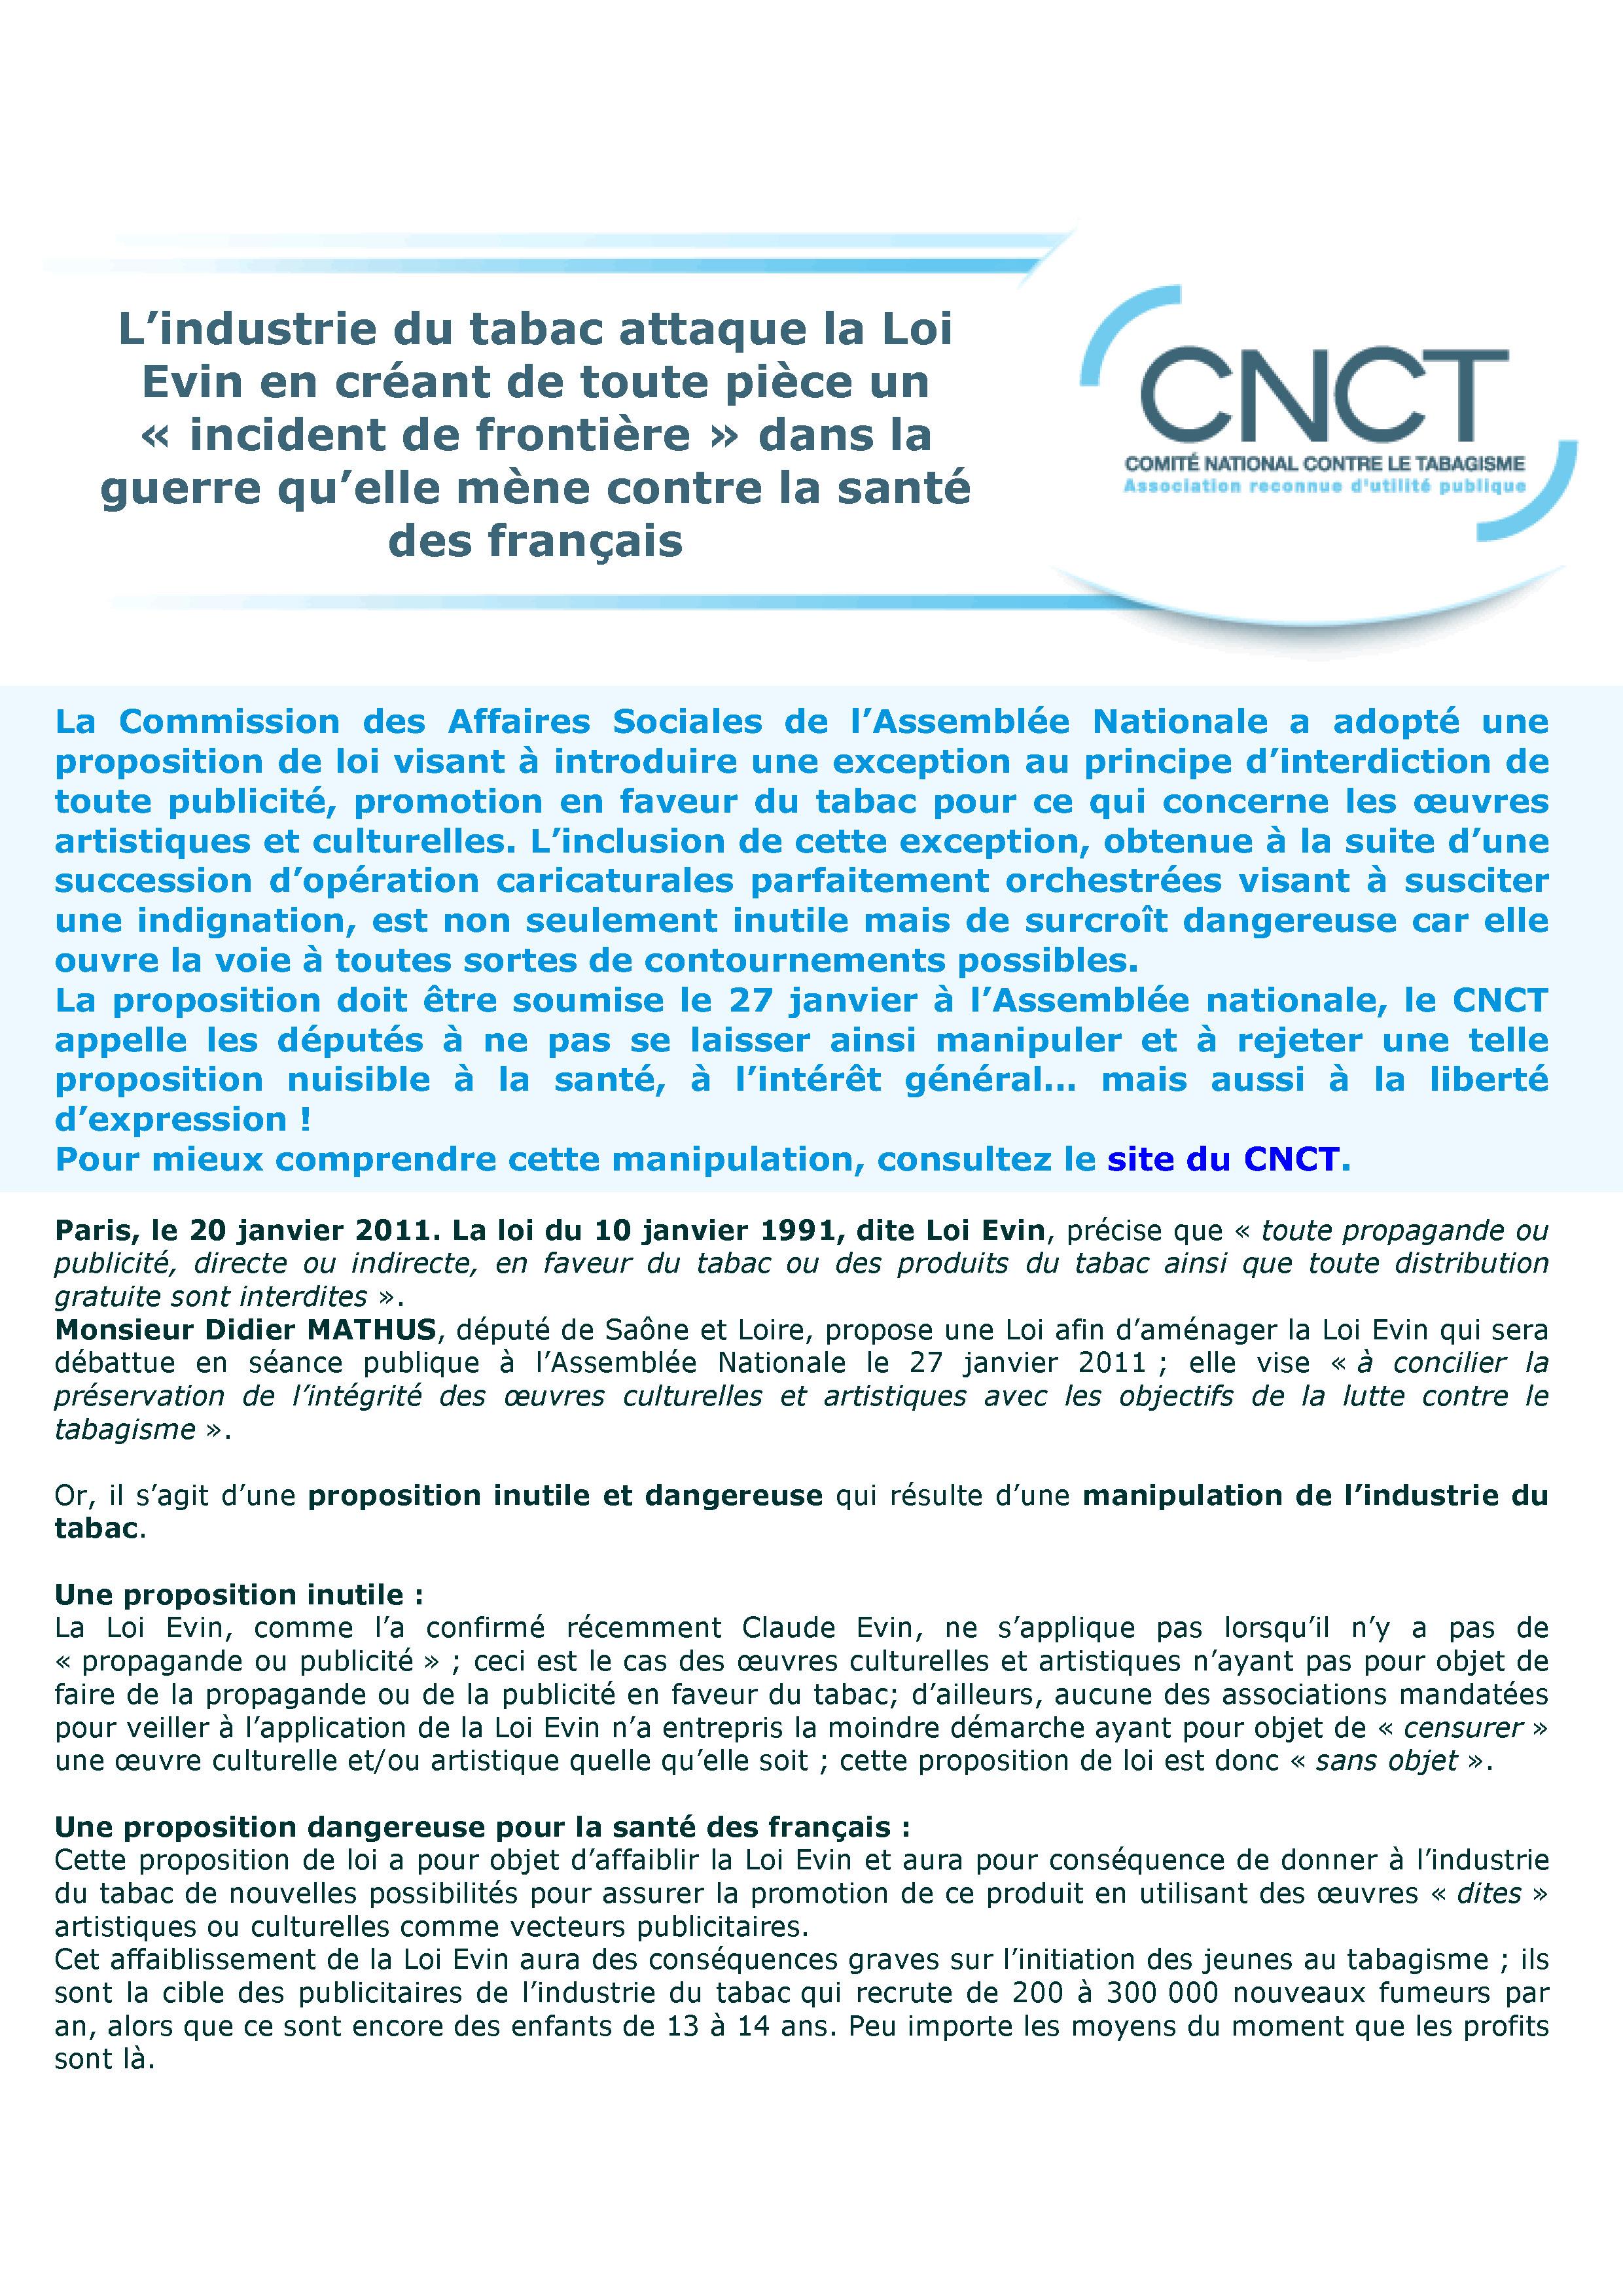 CNCT-CP_nouvelle-attaque-de-l-industrie-du-tabac-20jan2011_Page_1.jpg